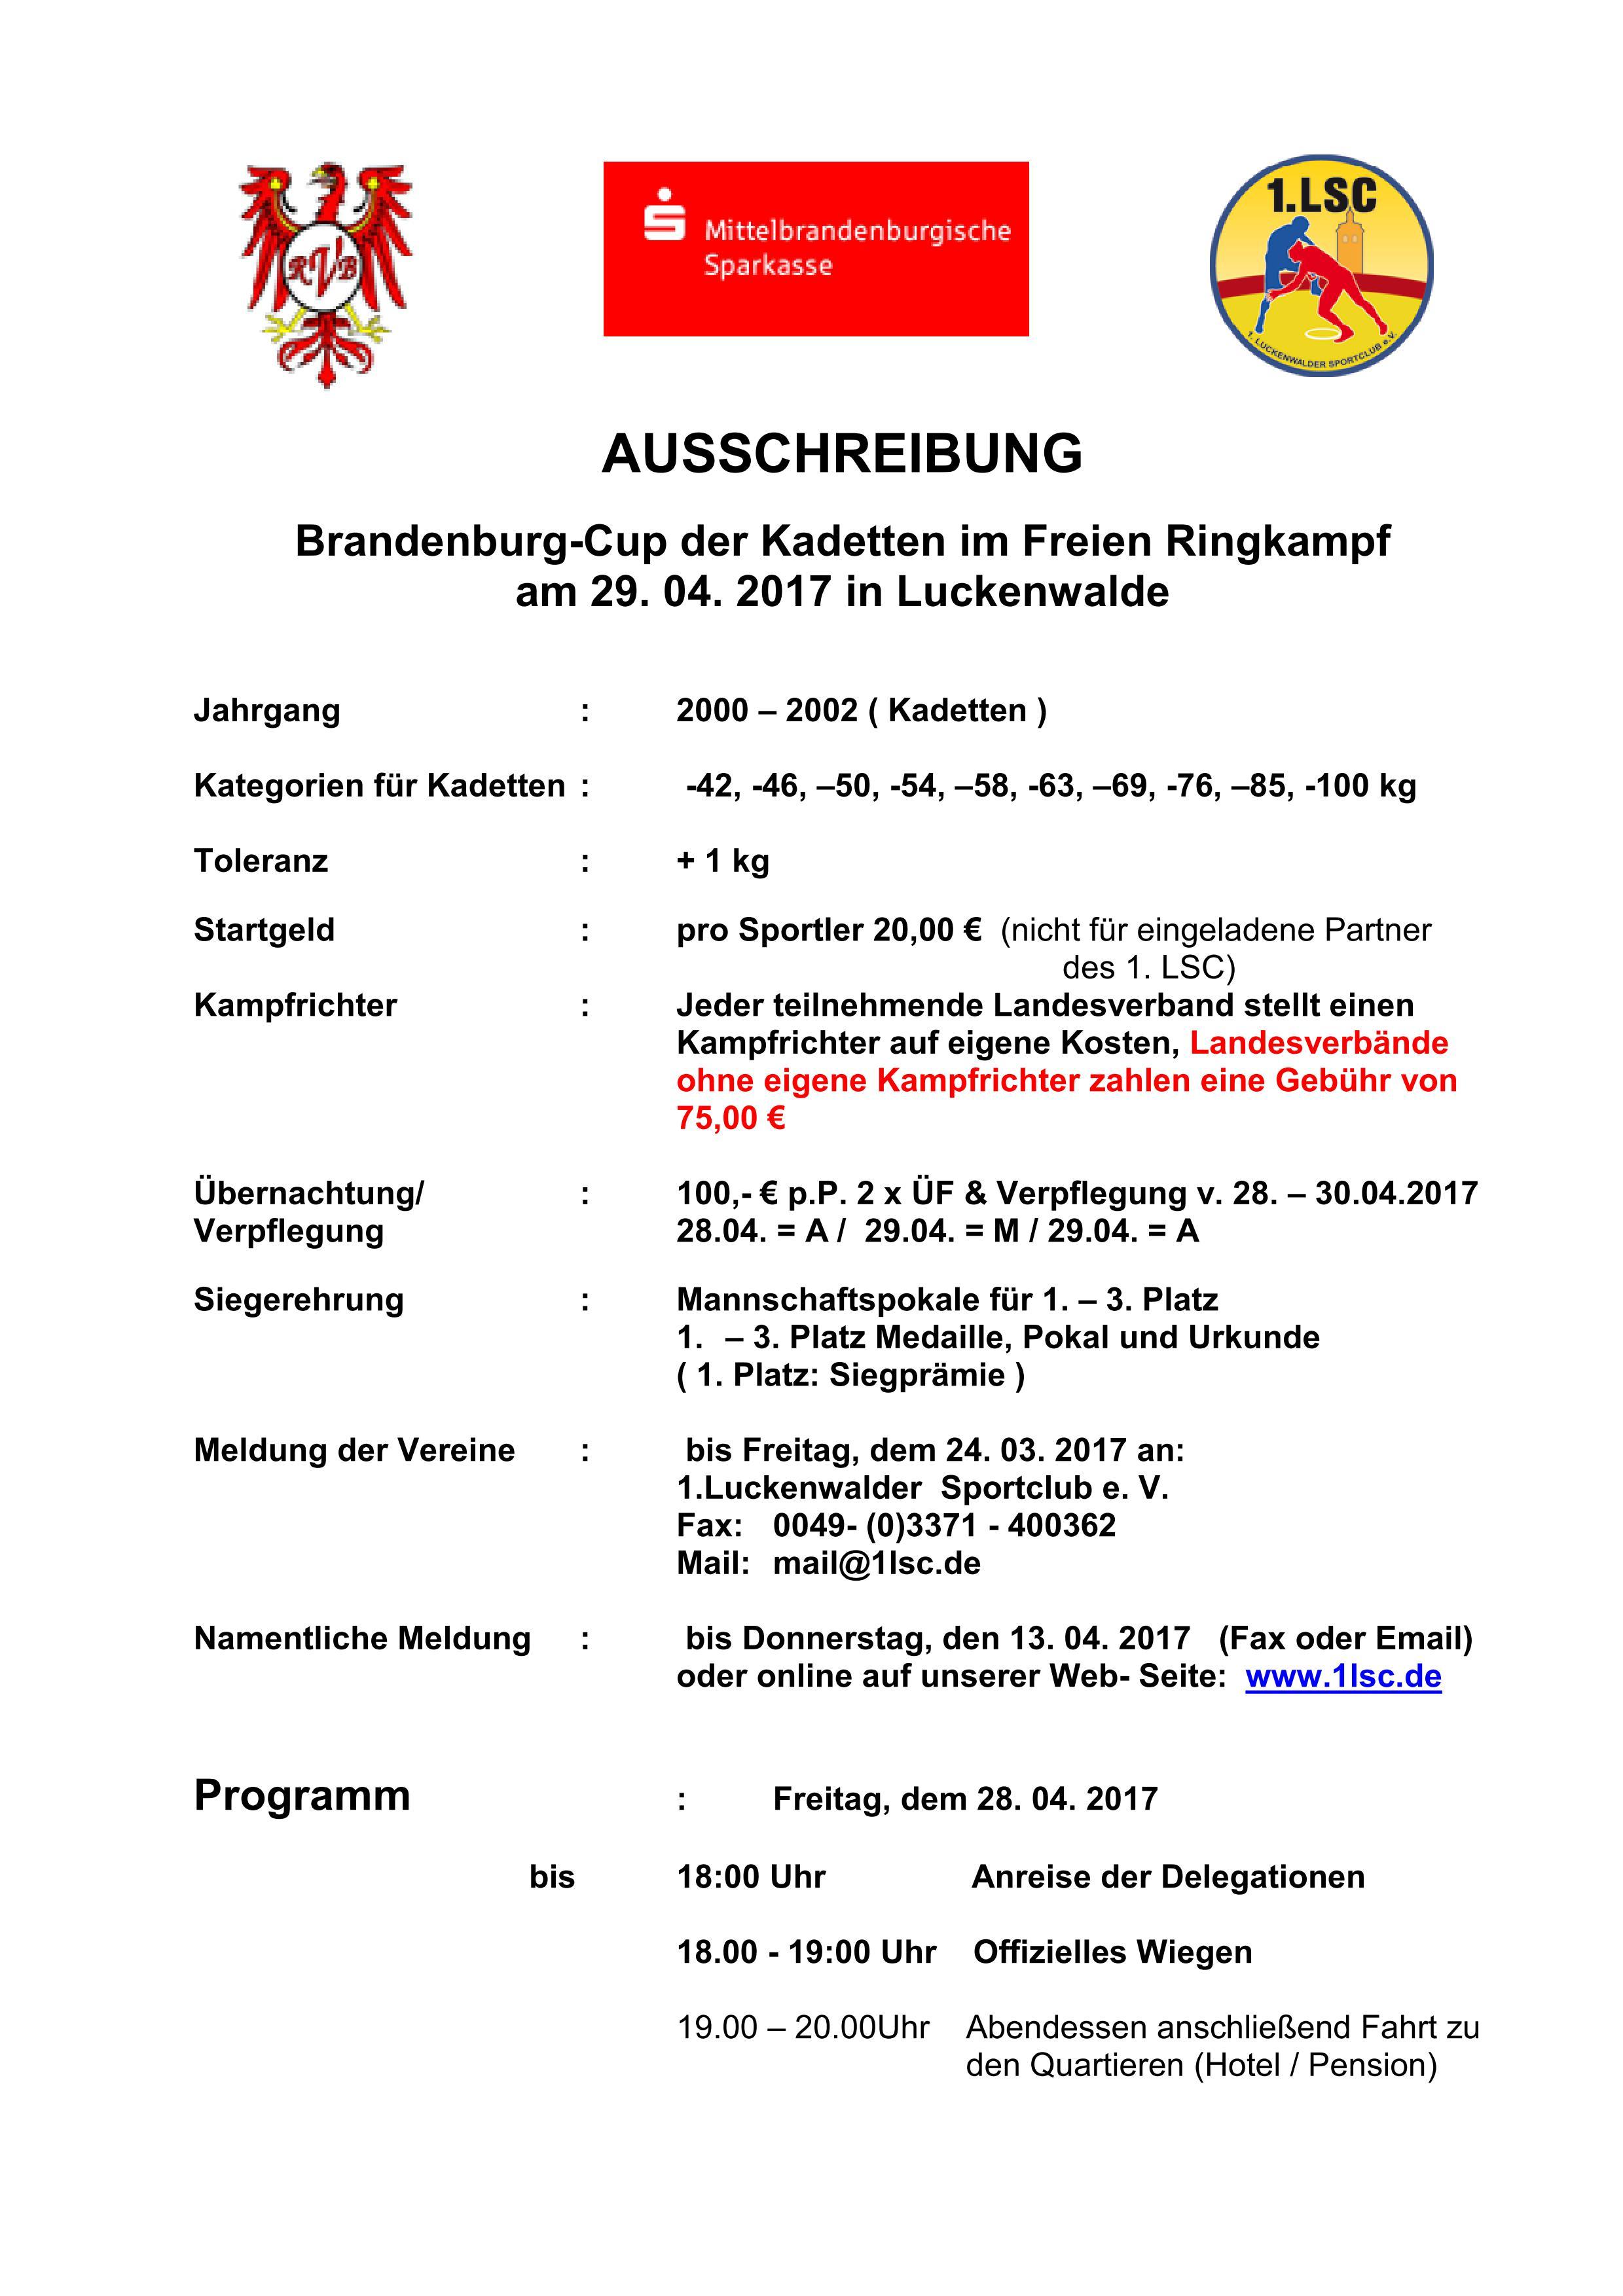 Brandenburg-Cup der Kadetten im Freien Ringkampf